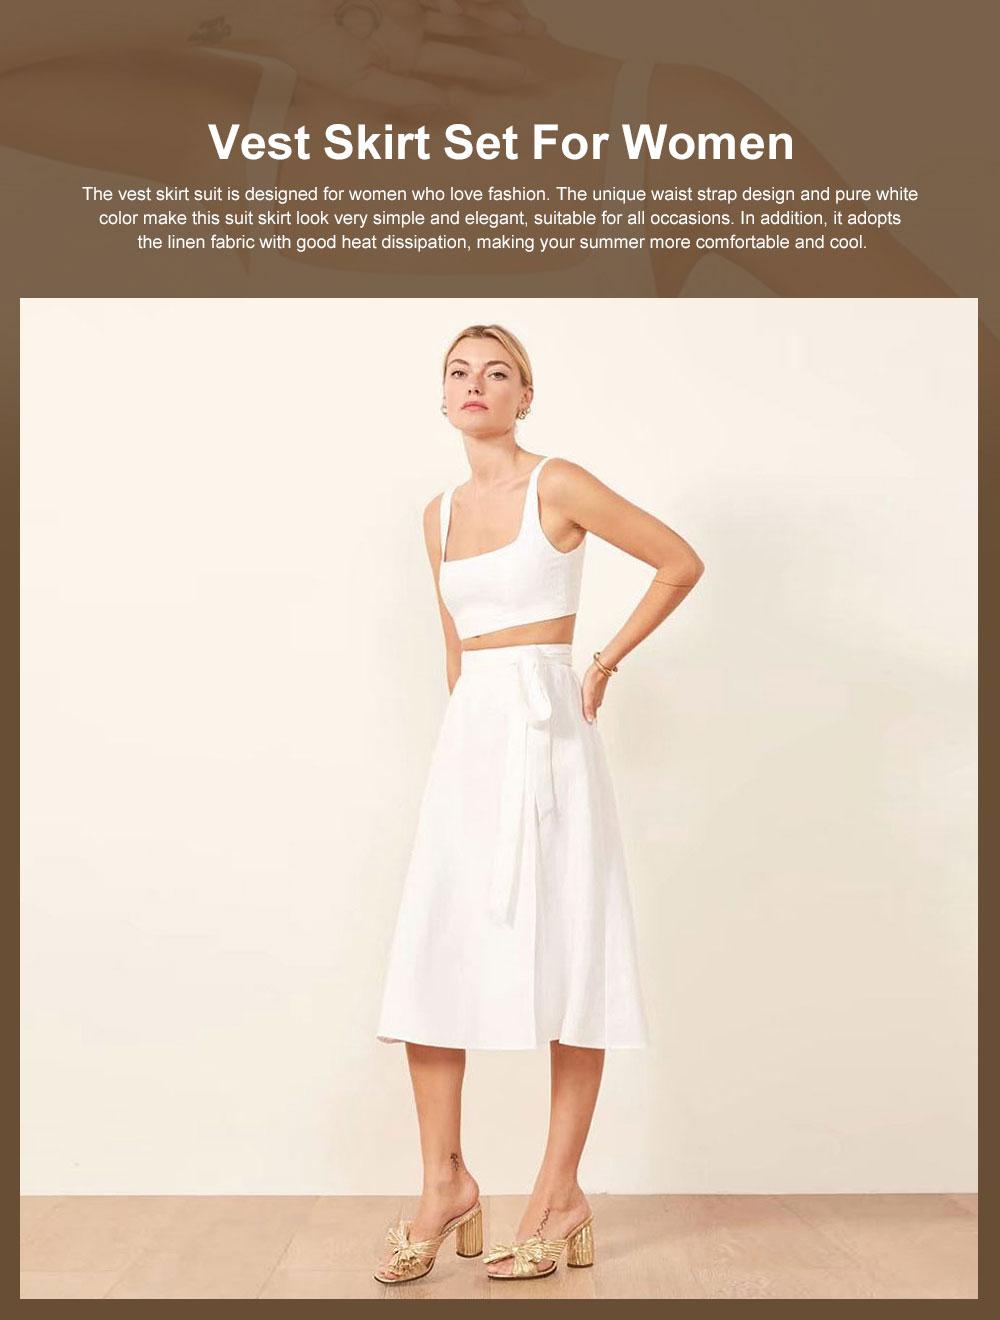 Vest Skirt Set for Women in Summer, 2 Pcs Short Square Neckline Vest and Midiskirt with Stylish Waist Strap 0